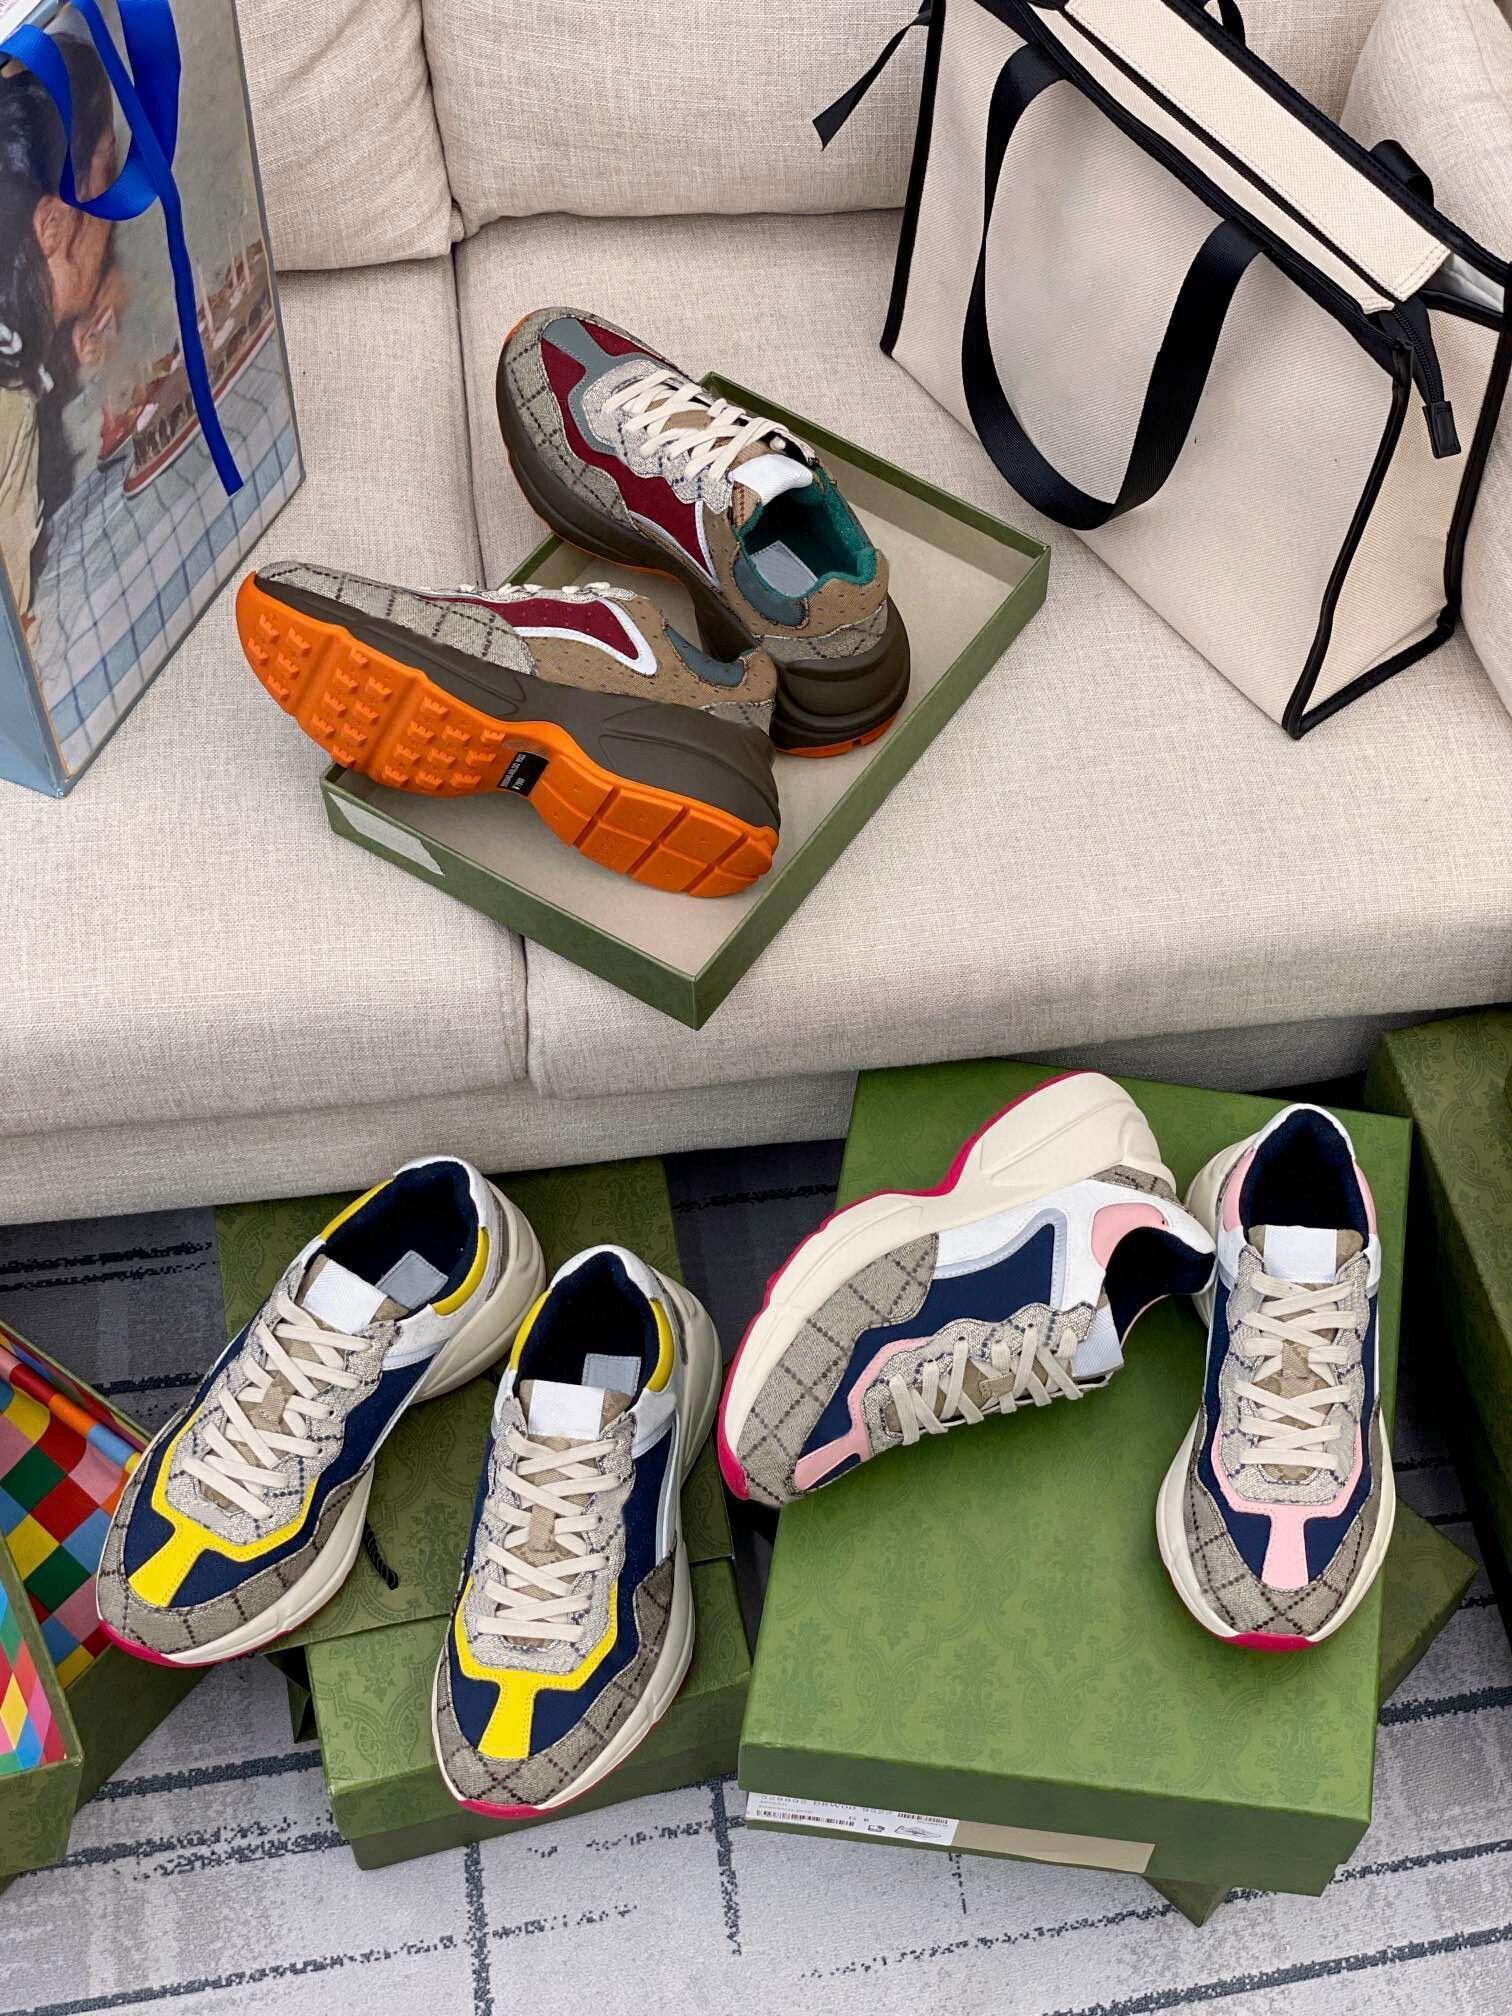 2021 Tasarımcı Ayakkabı Rhyton Sneakers Bej Erkekler Eğitmenler Vintage Lüks Chaussures Bayanlar Kutusu Boyutu 35-45